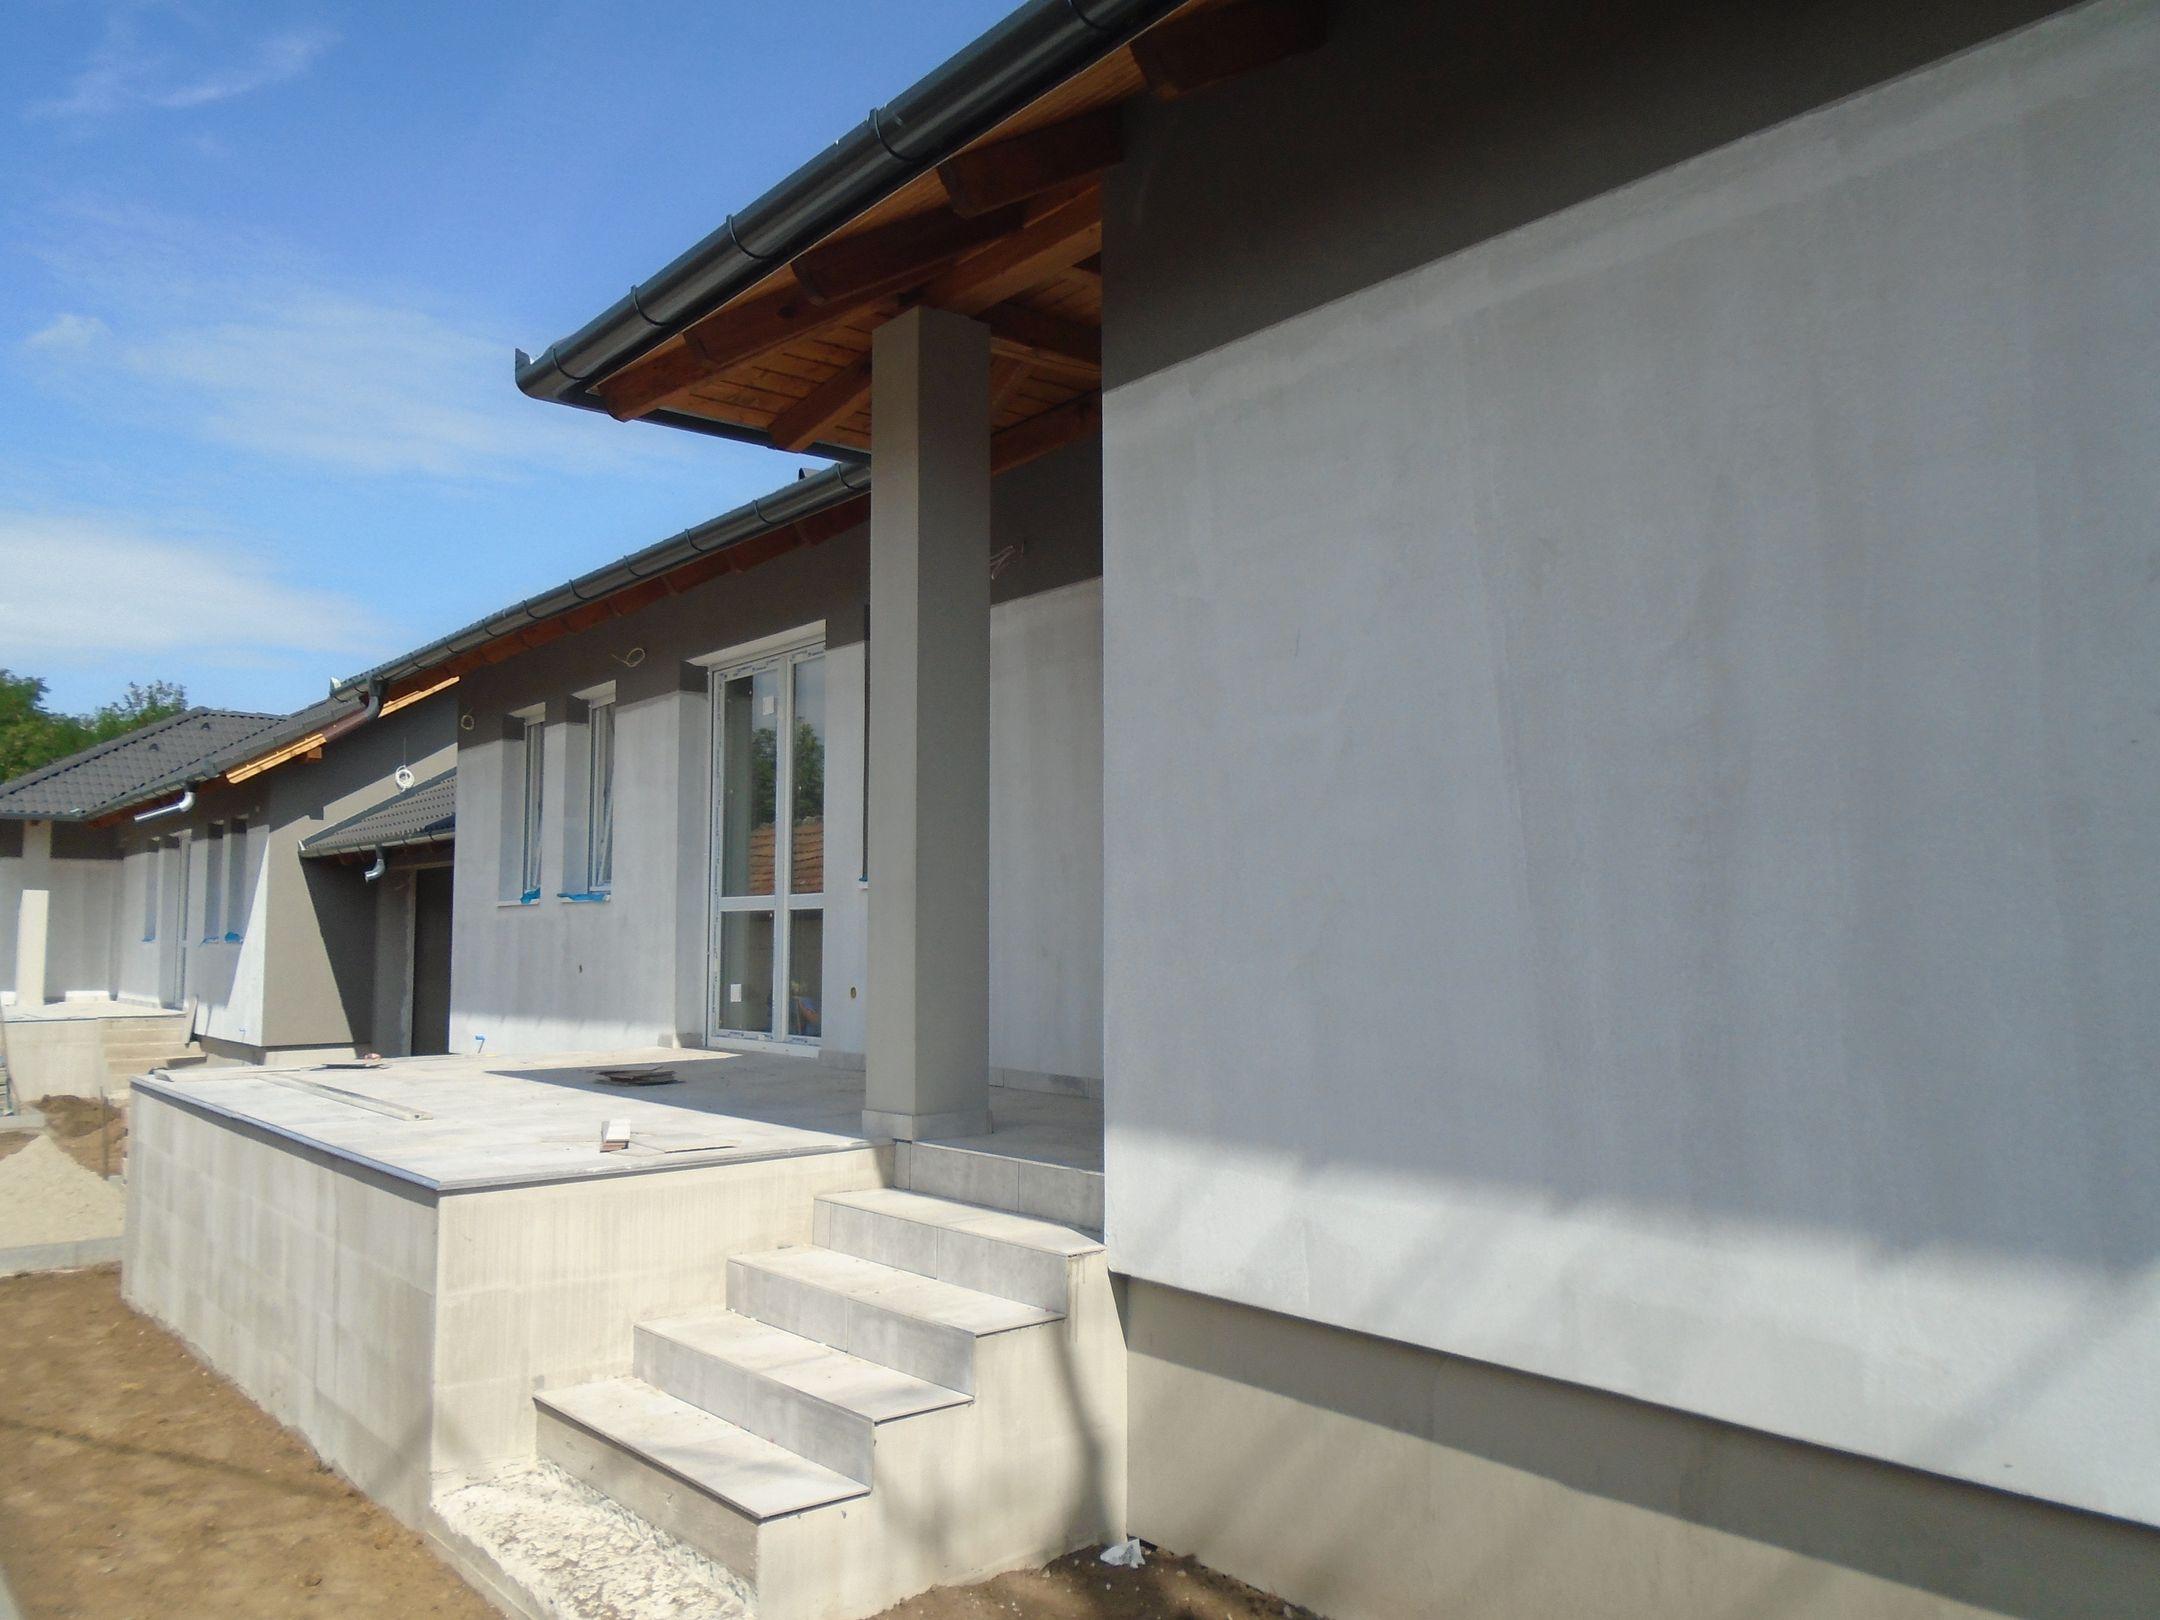 Gyömrő központjához közel,családi házas környezetben eladó egy új építésű,garázskapcsolatos ikerház!